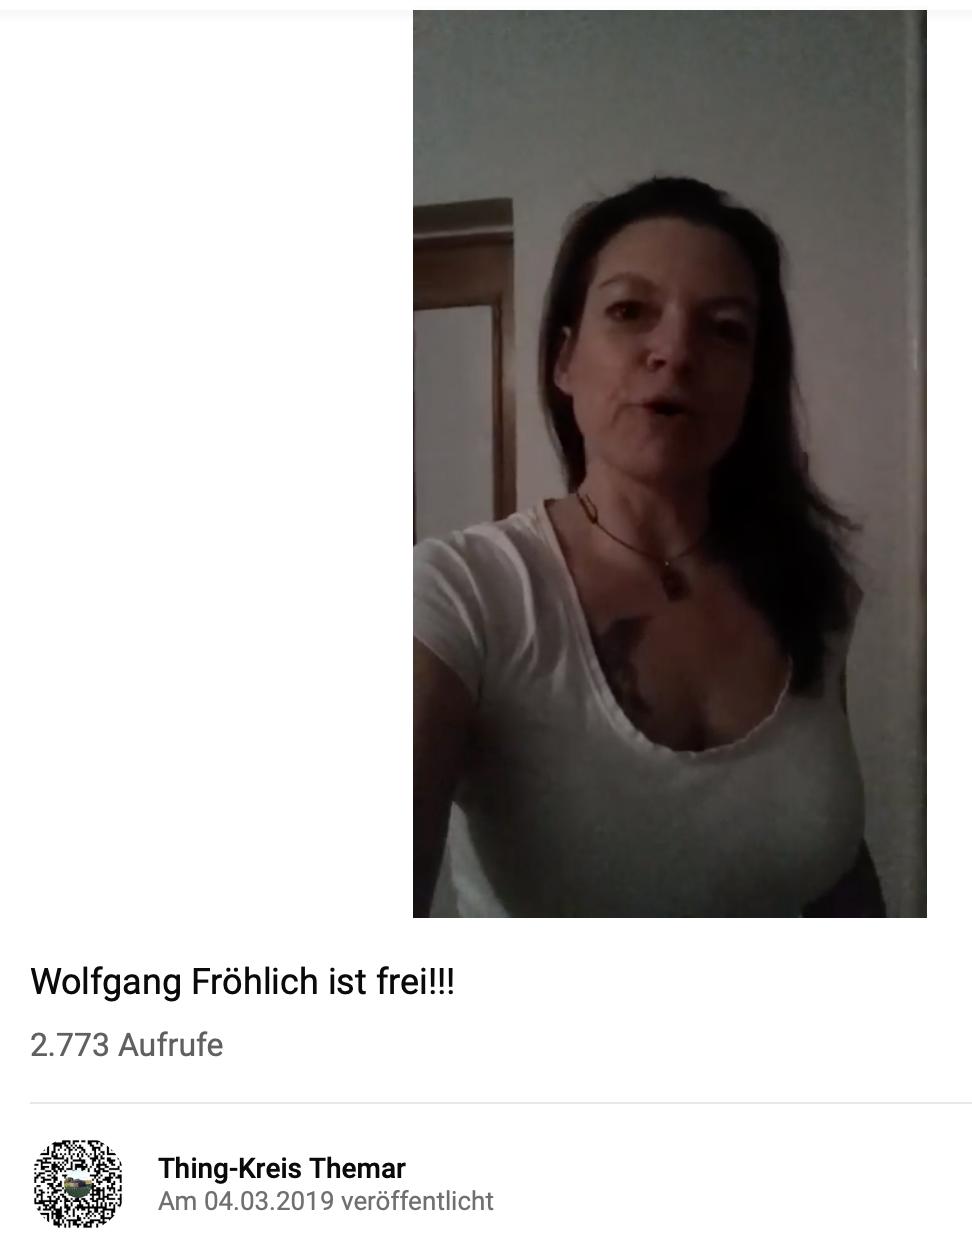 """Videobotschaft """"Thing-Kreis Themar"""" zu Fröhlichs Freilassung"""